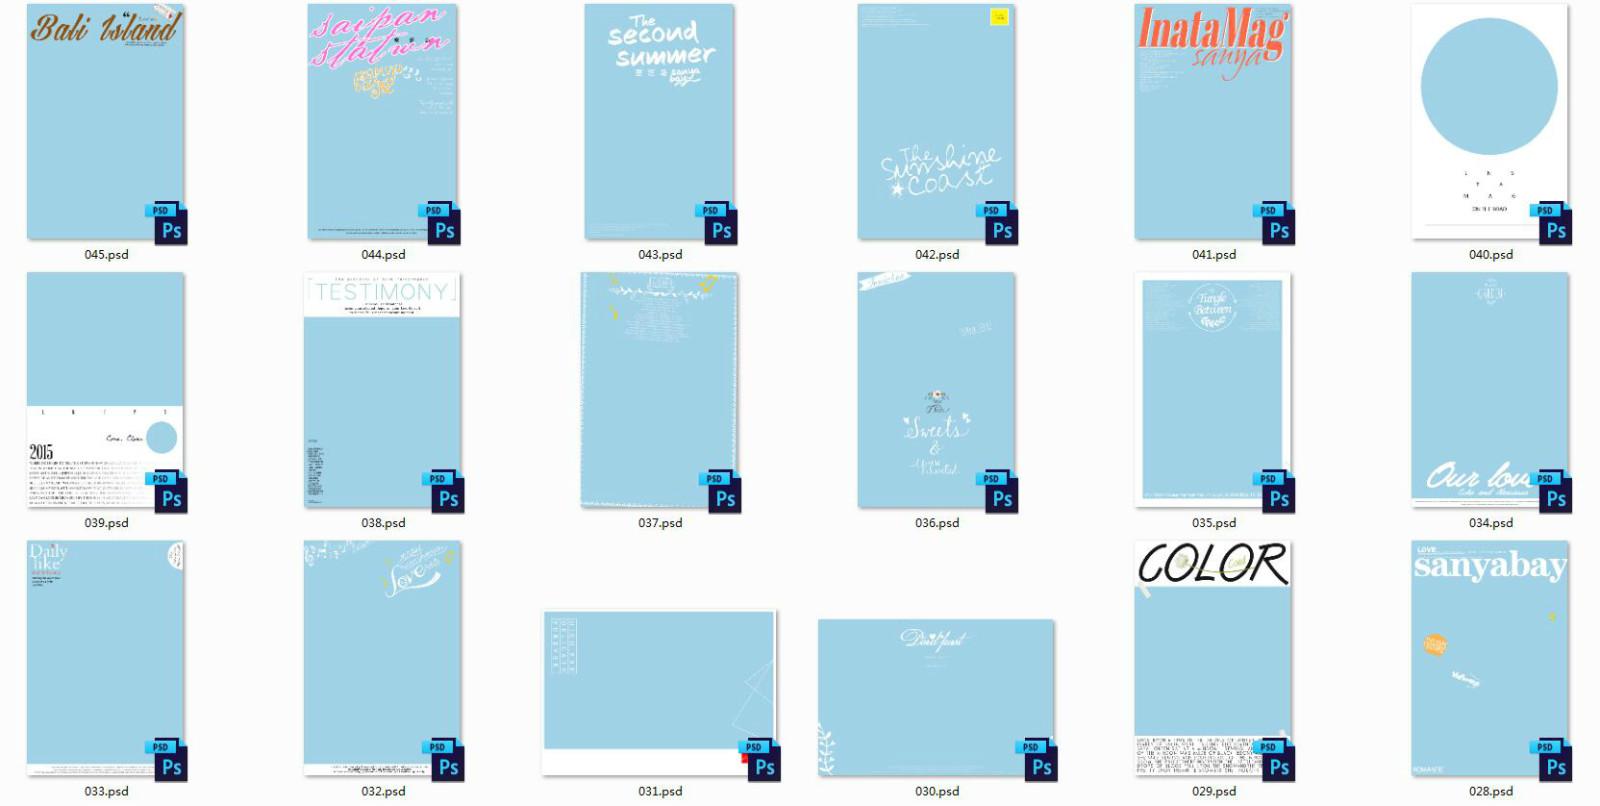 设计资讯/资料:150份psd文字素材及相关字体免费分享(原创文章)